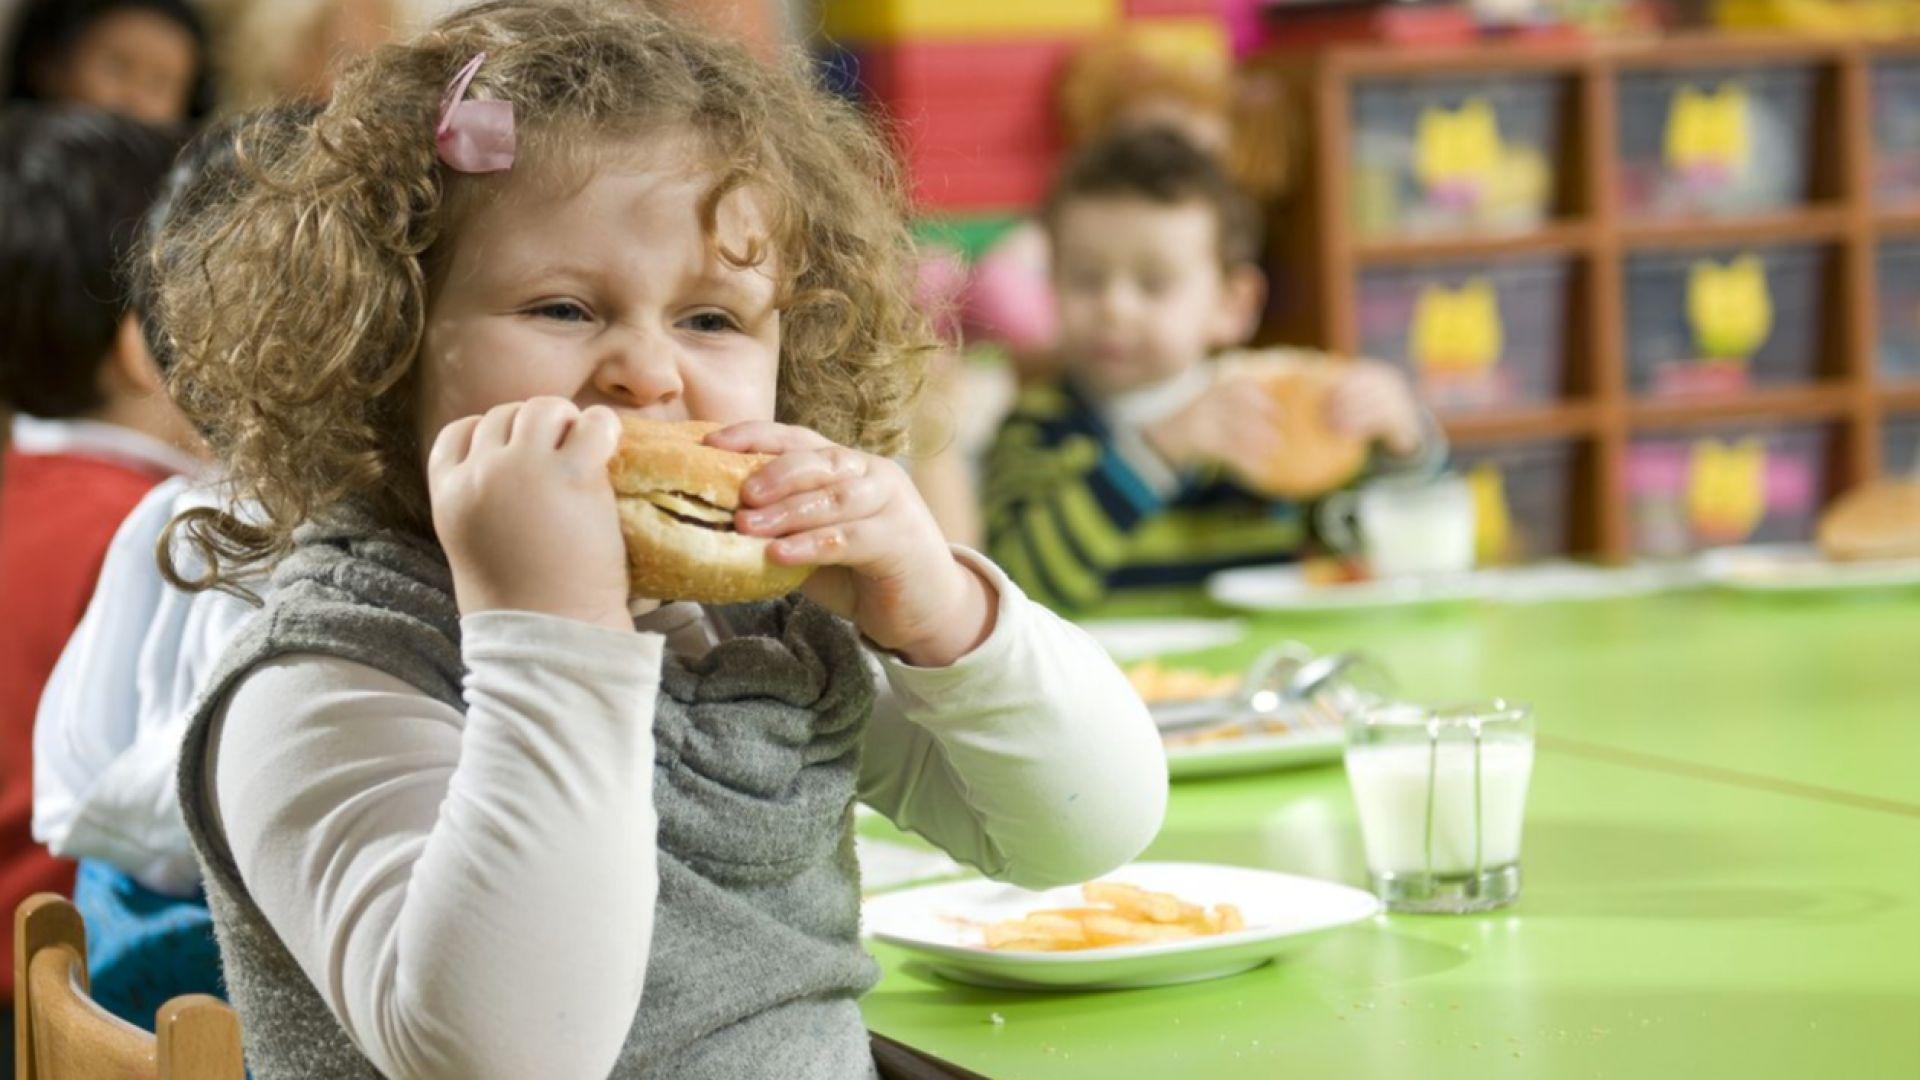 Една трета от децата в богатите държави са с надмормено тегло